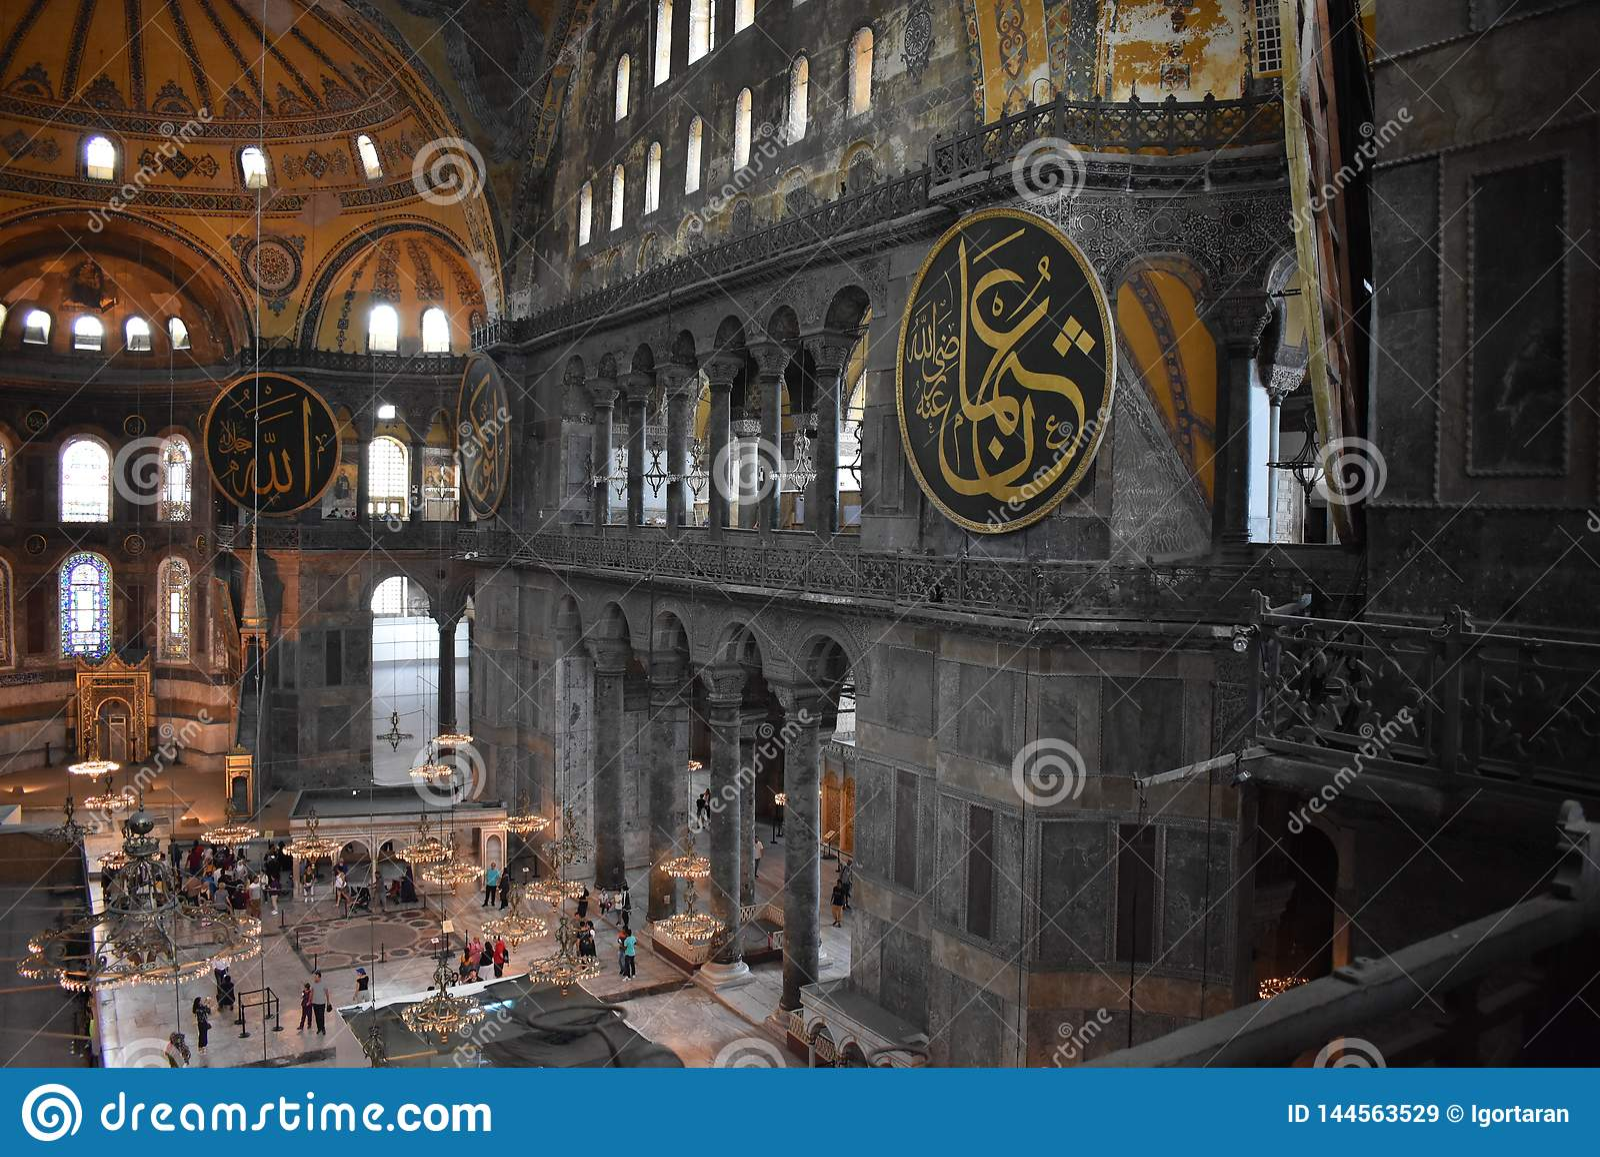 Hagia Sophia.Istanbul. Turkey.